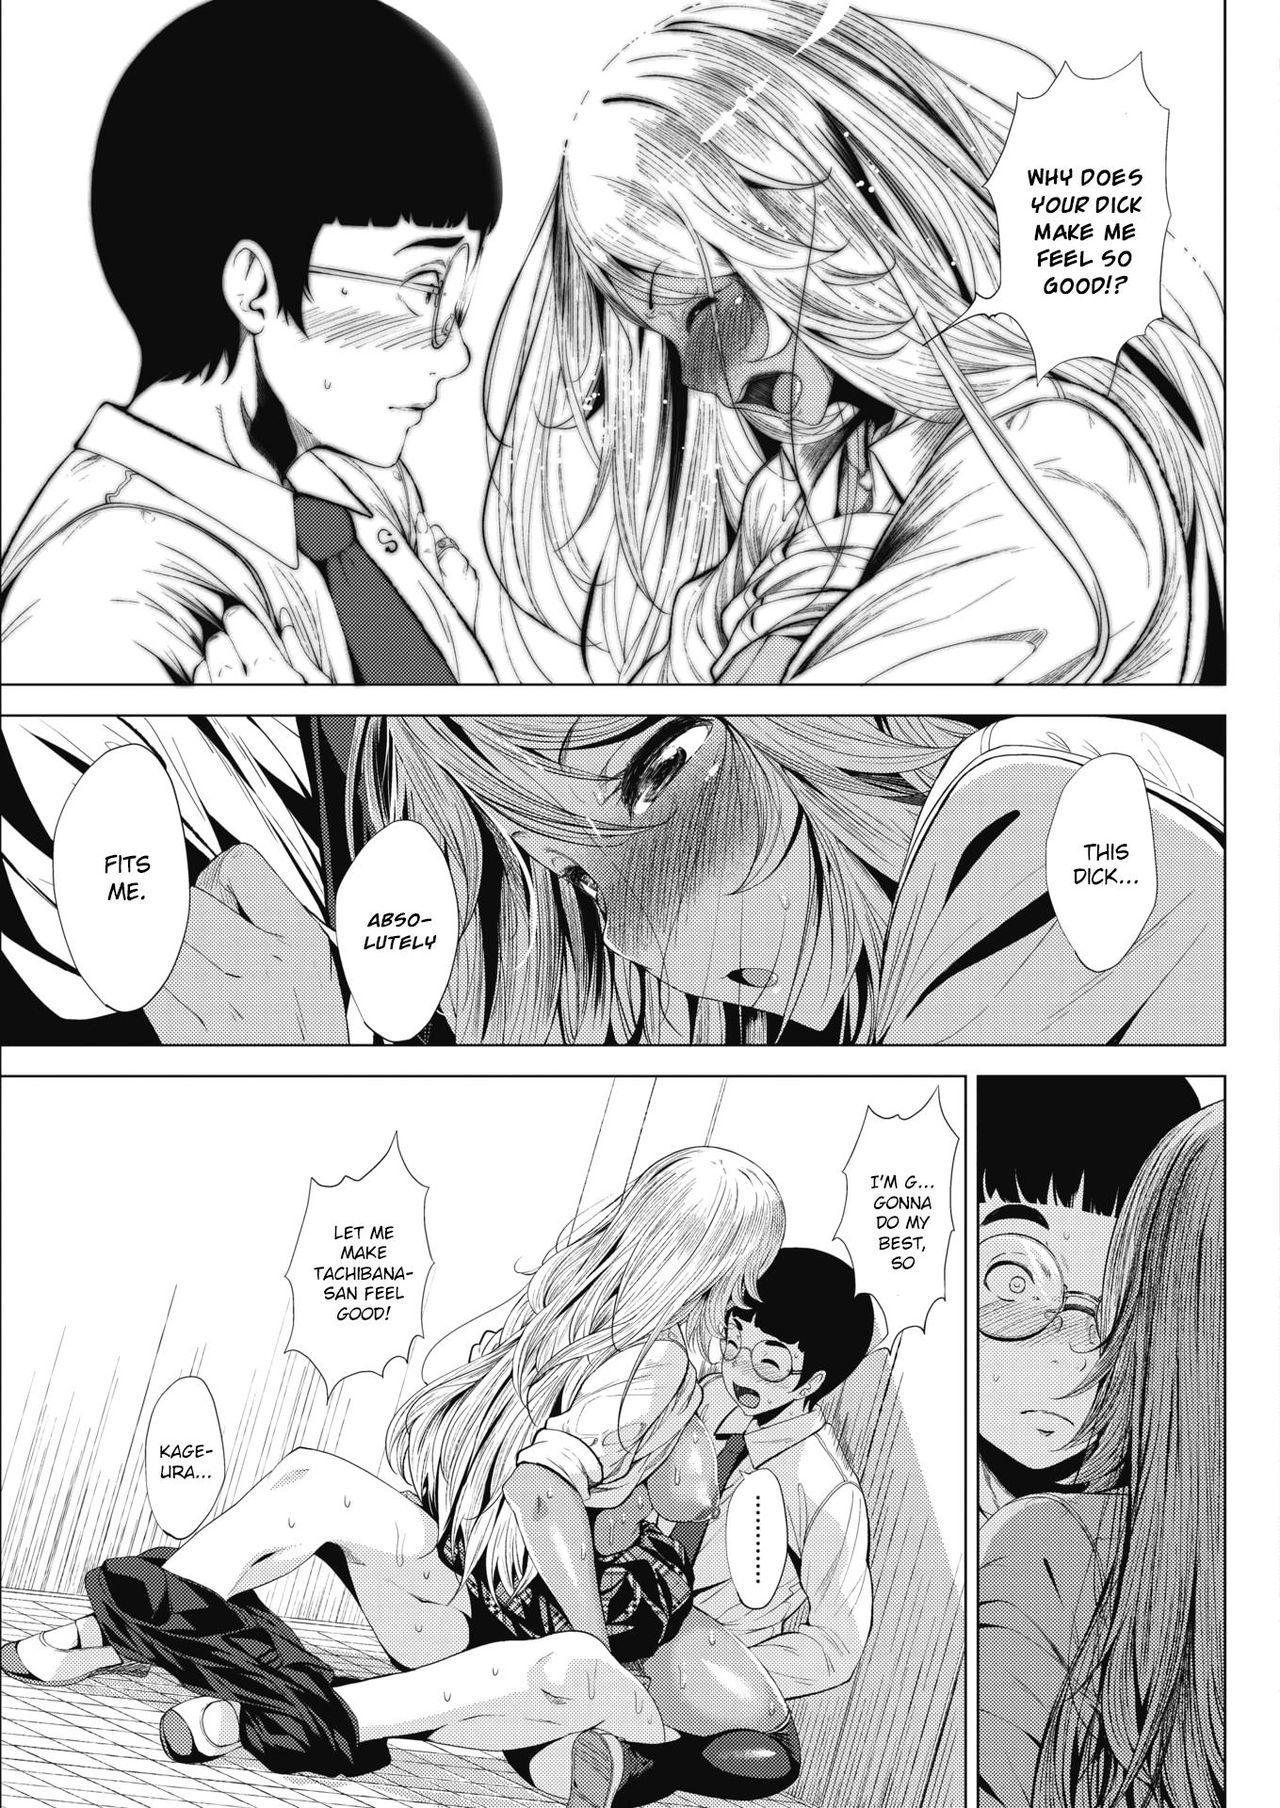 [Fumihiko] Kuro Gal-chan to Megane-kun (COMIC HOTMILK 2017-12) [English] [CrowKarasu] [Digital] 14